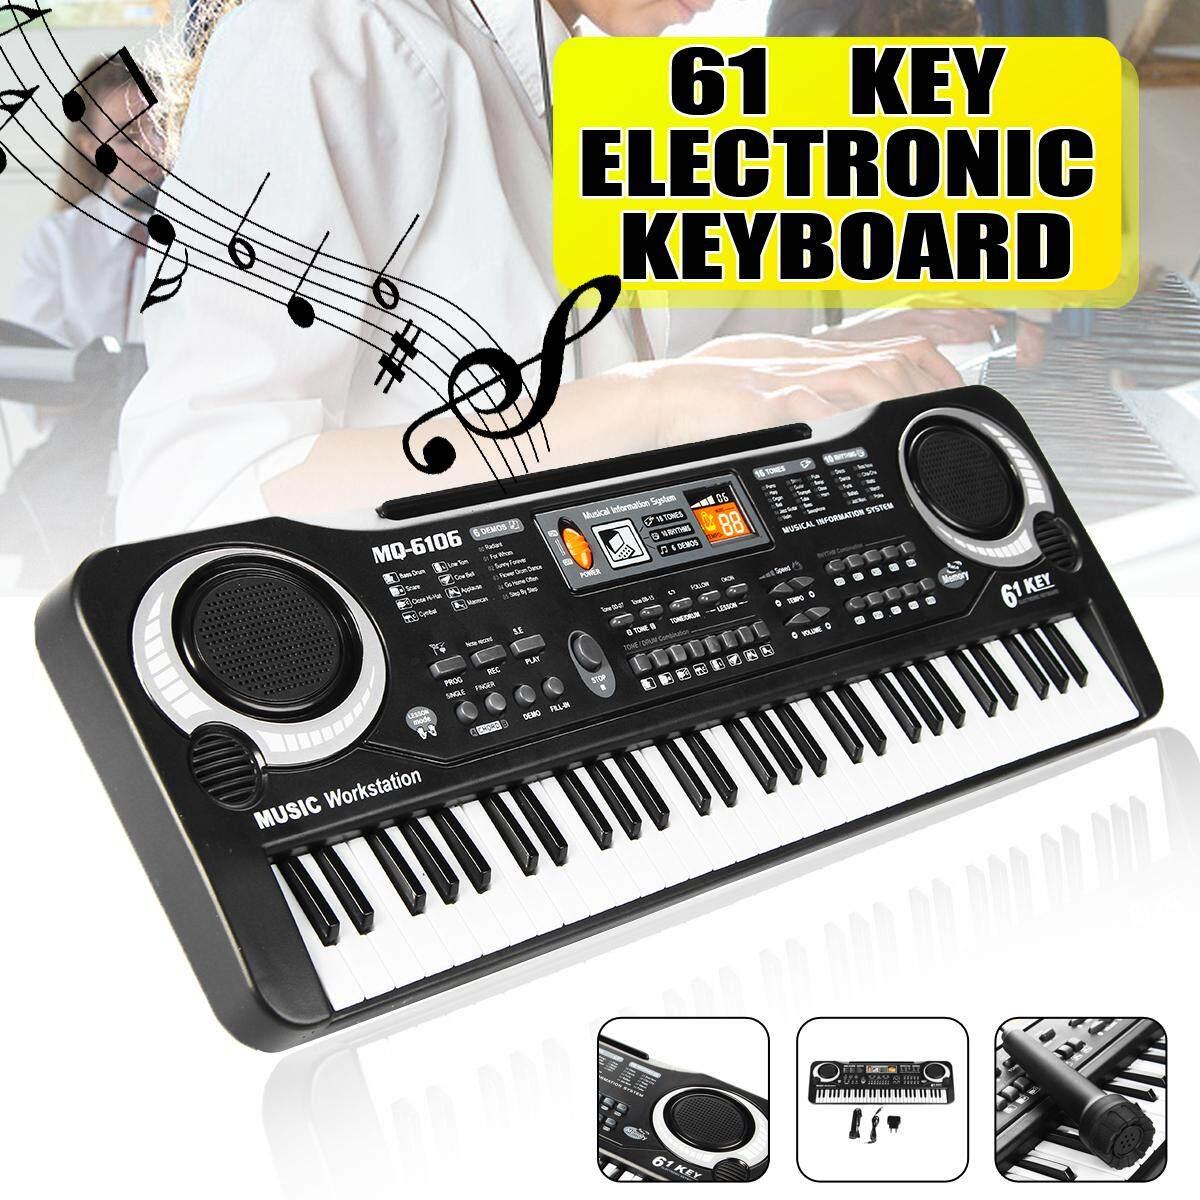 61 phím Âm Nhạc Điện Tử Kỹ Thuật Số Bàn Phím Điện Cơ Quan Trẻ Em Quà Tặng Tuyệt Vời Với Micro Dụng Cụ Âm Nhạc